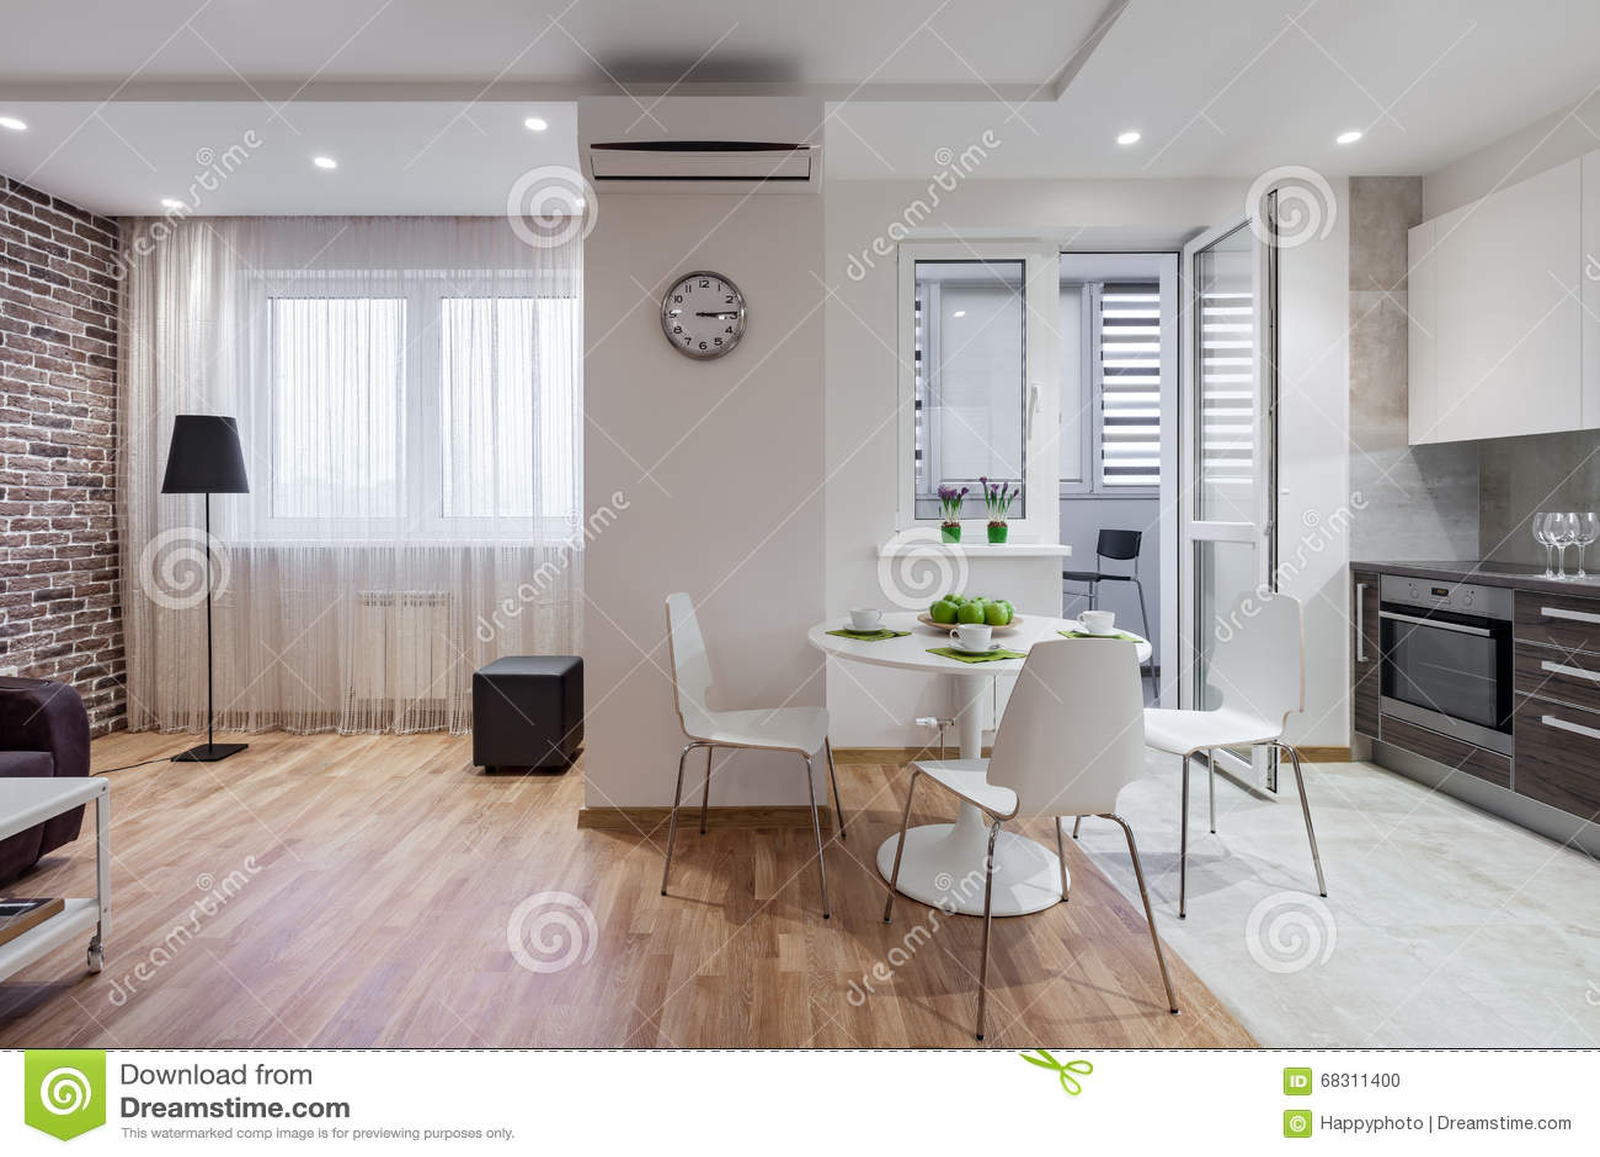 Int rieur d 39 appartement moderne dans le style scandinave avec la cuisine photo stock image du - Maison style scandinave ...